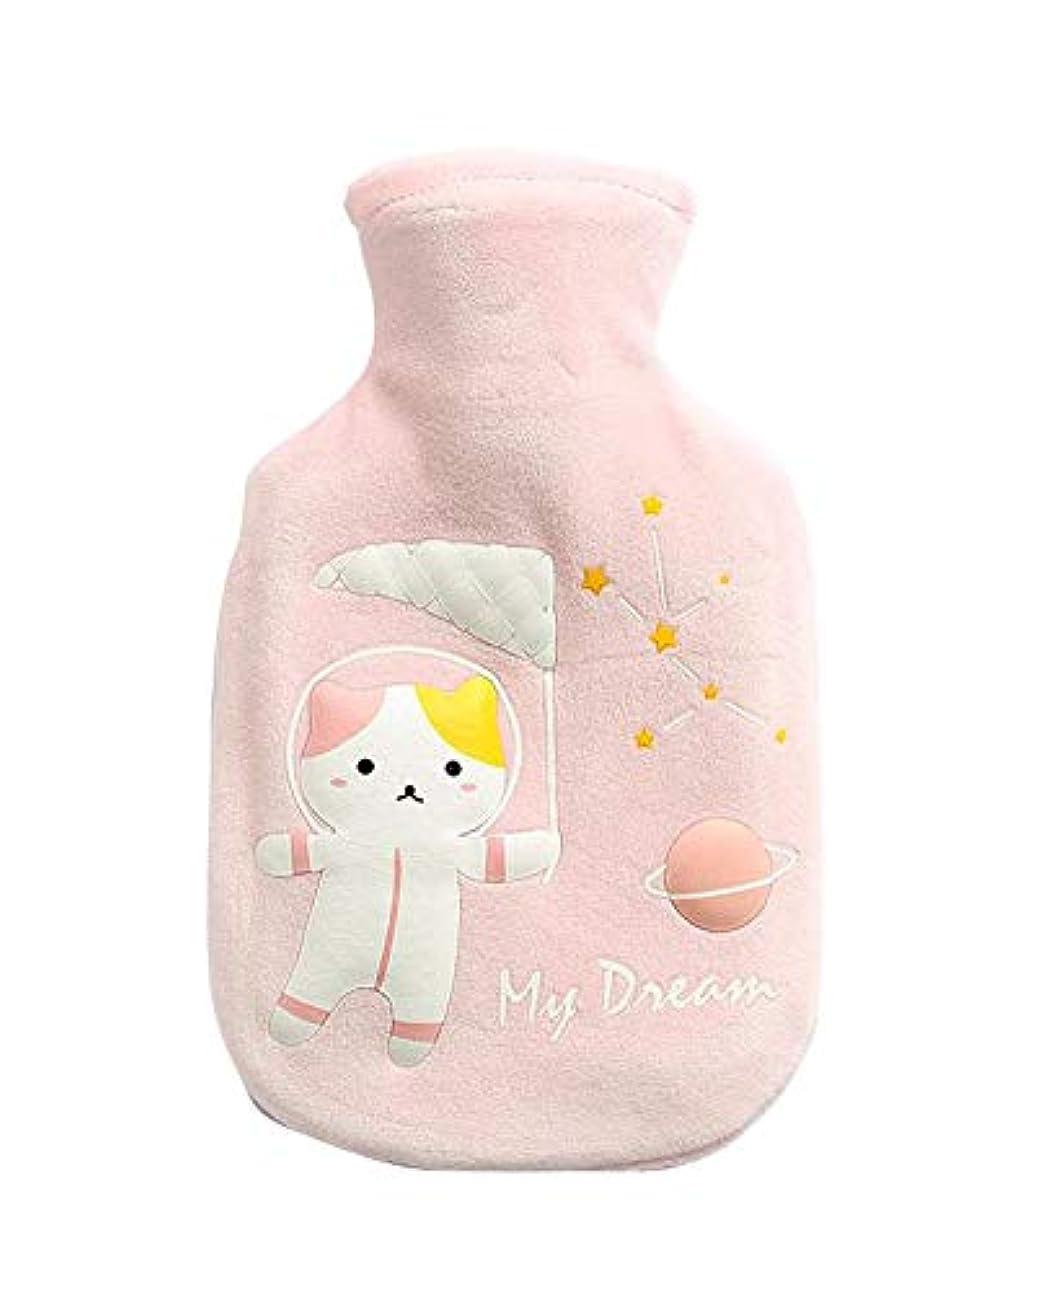 真面目なシプリー好きである350 ML かわいいミニ湯たんぽ冬は暖かい湯たんぽを保つ A02